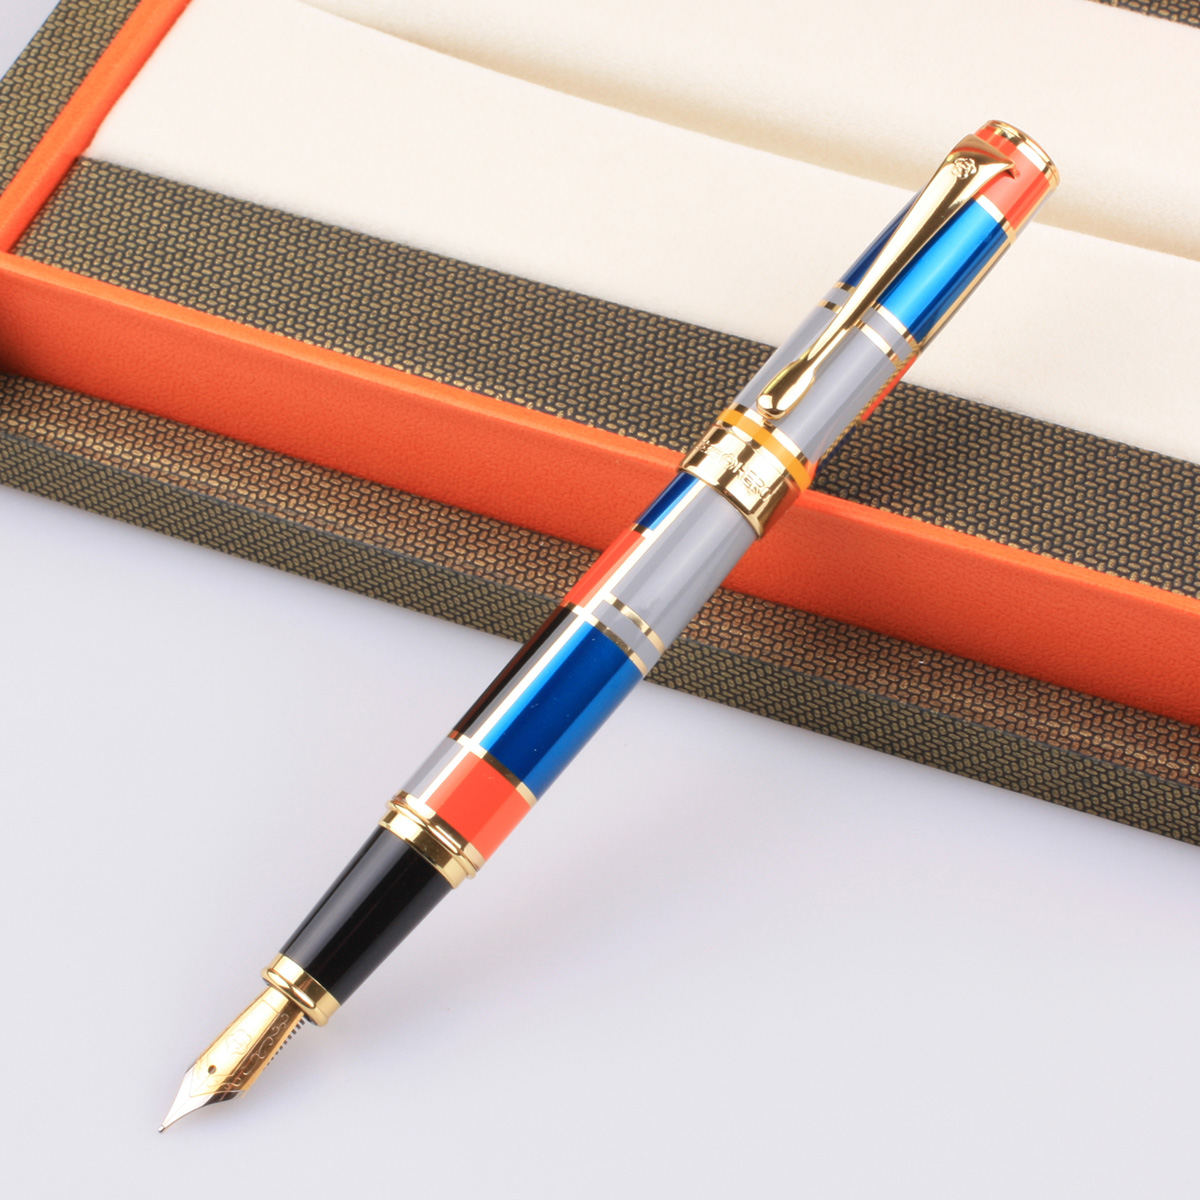 Nouveauté multicolore 767 senior iridium stylo plume stylo encre stylo cadeau livraison gratuite